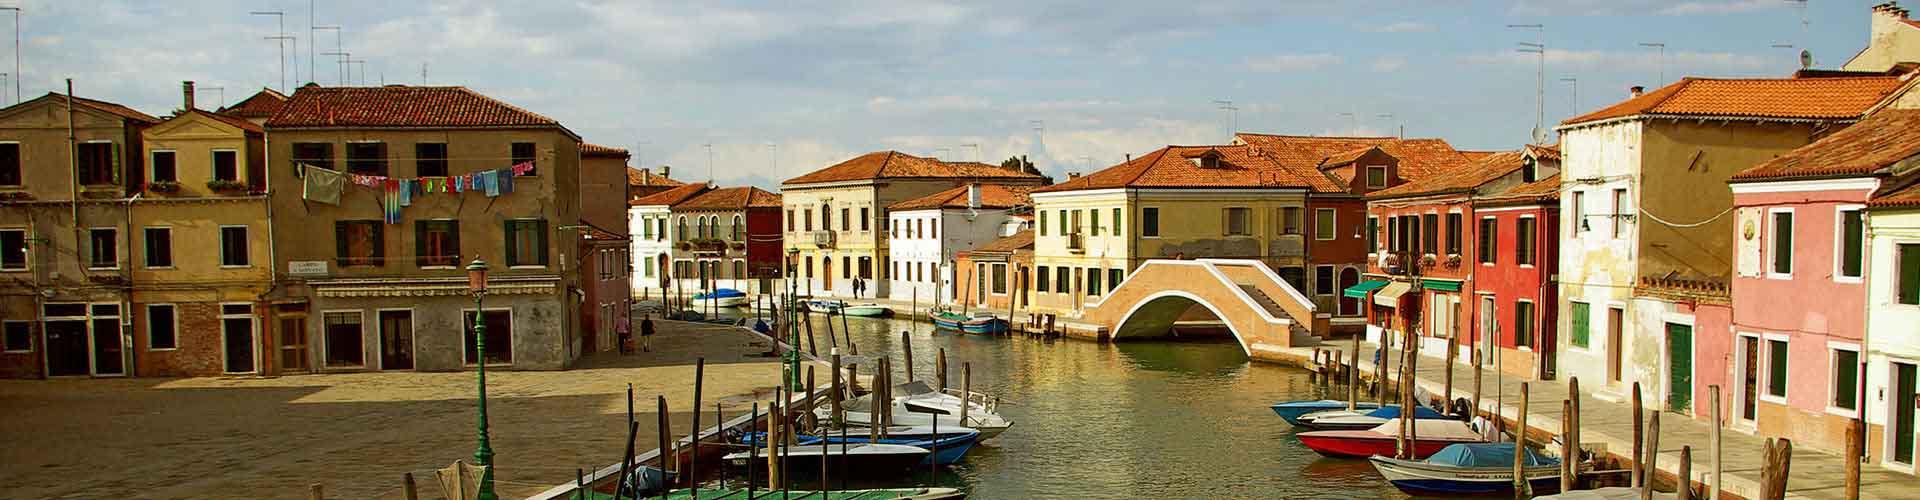 Venecia Mestre - Hostales en Venecia Mestre. Mapas de Venecia Mestre, Fotos y comentarios de cada Hostal en Venecia Mestre.